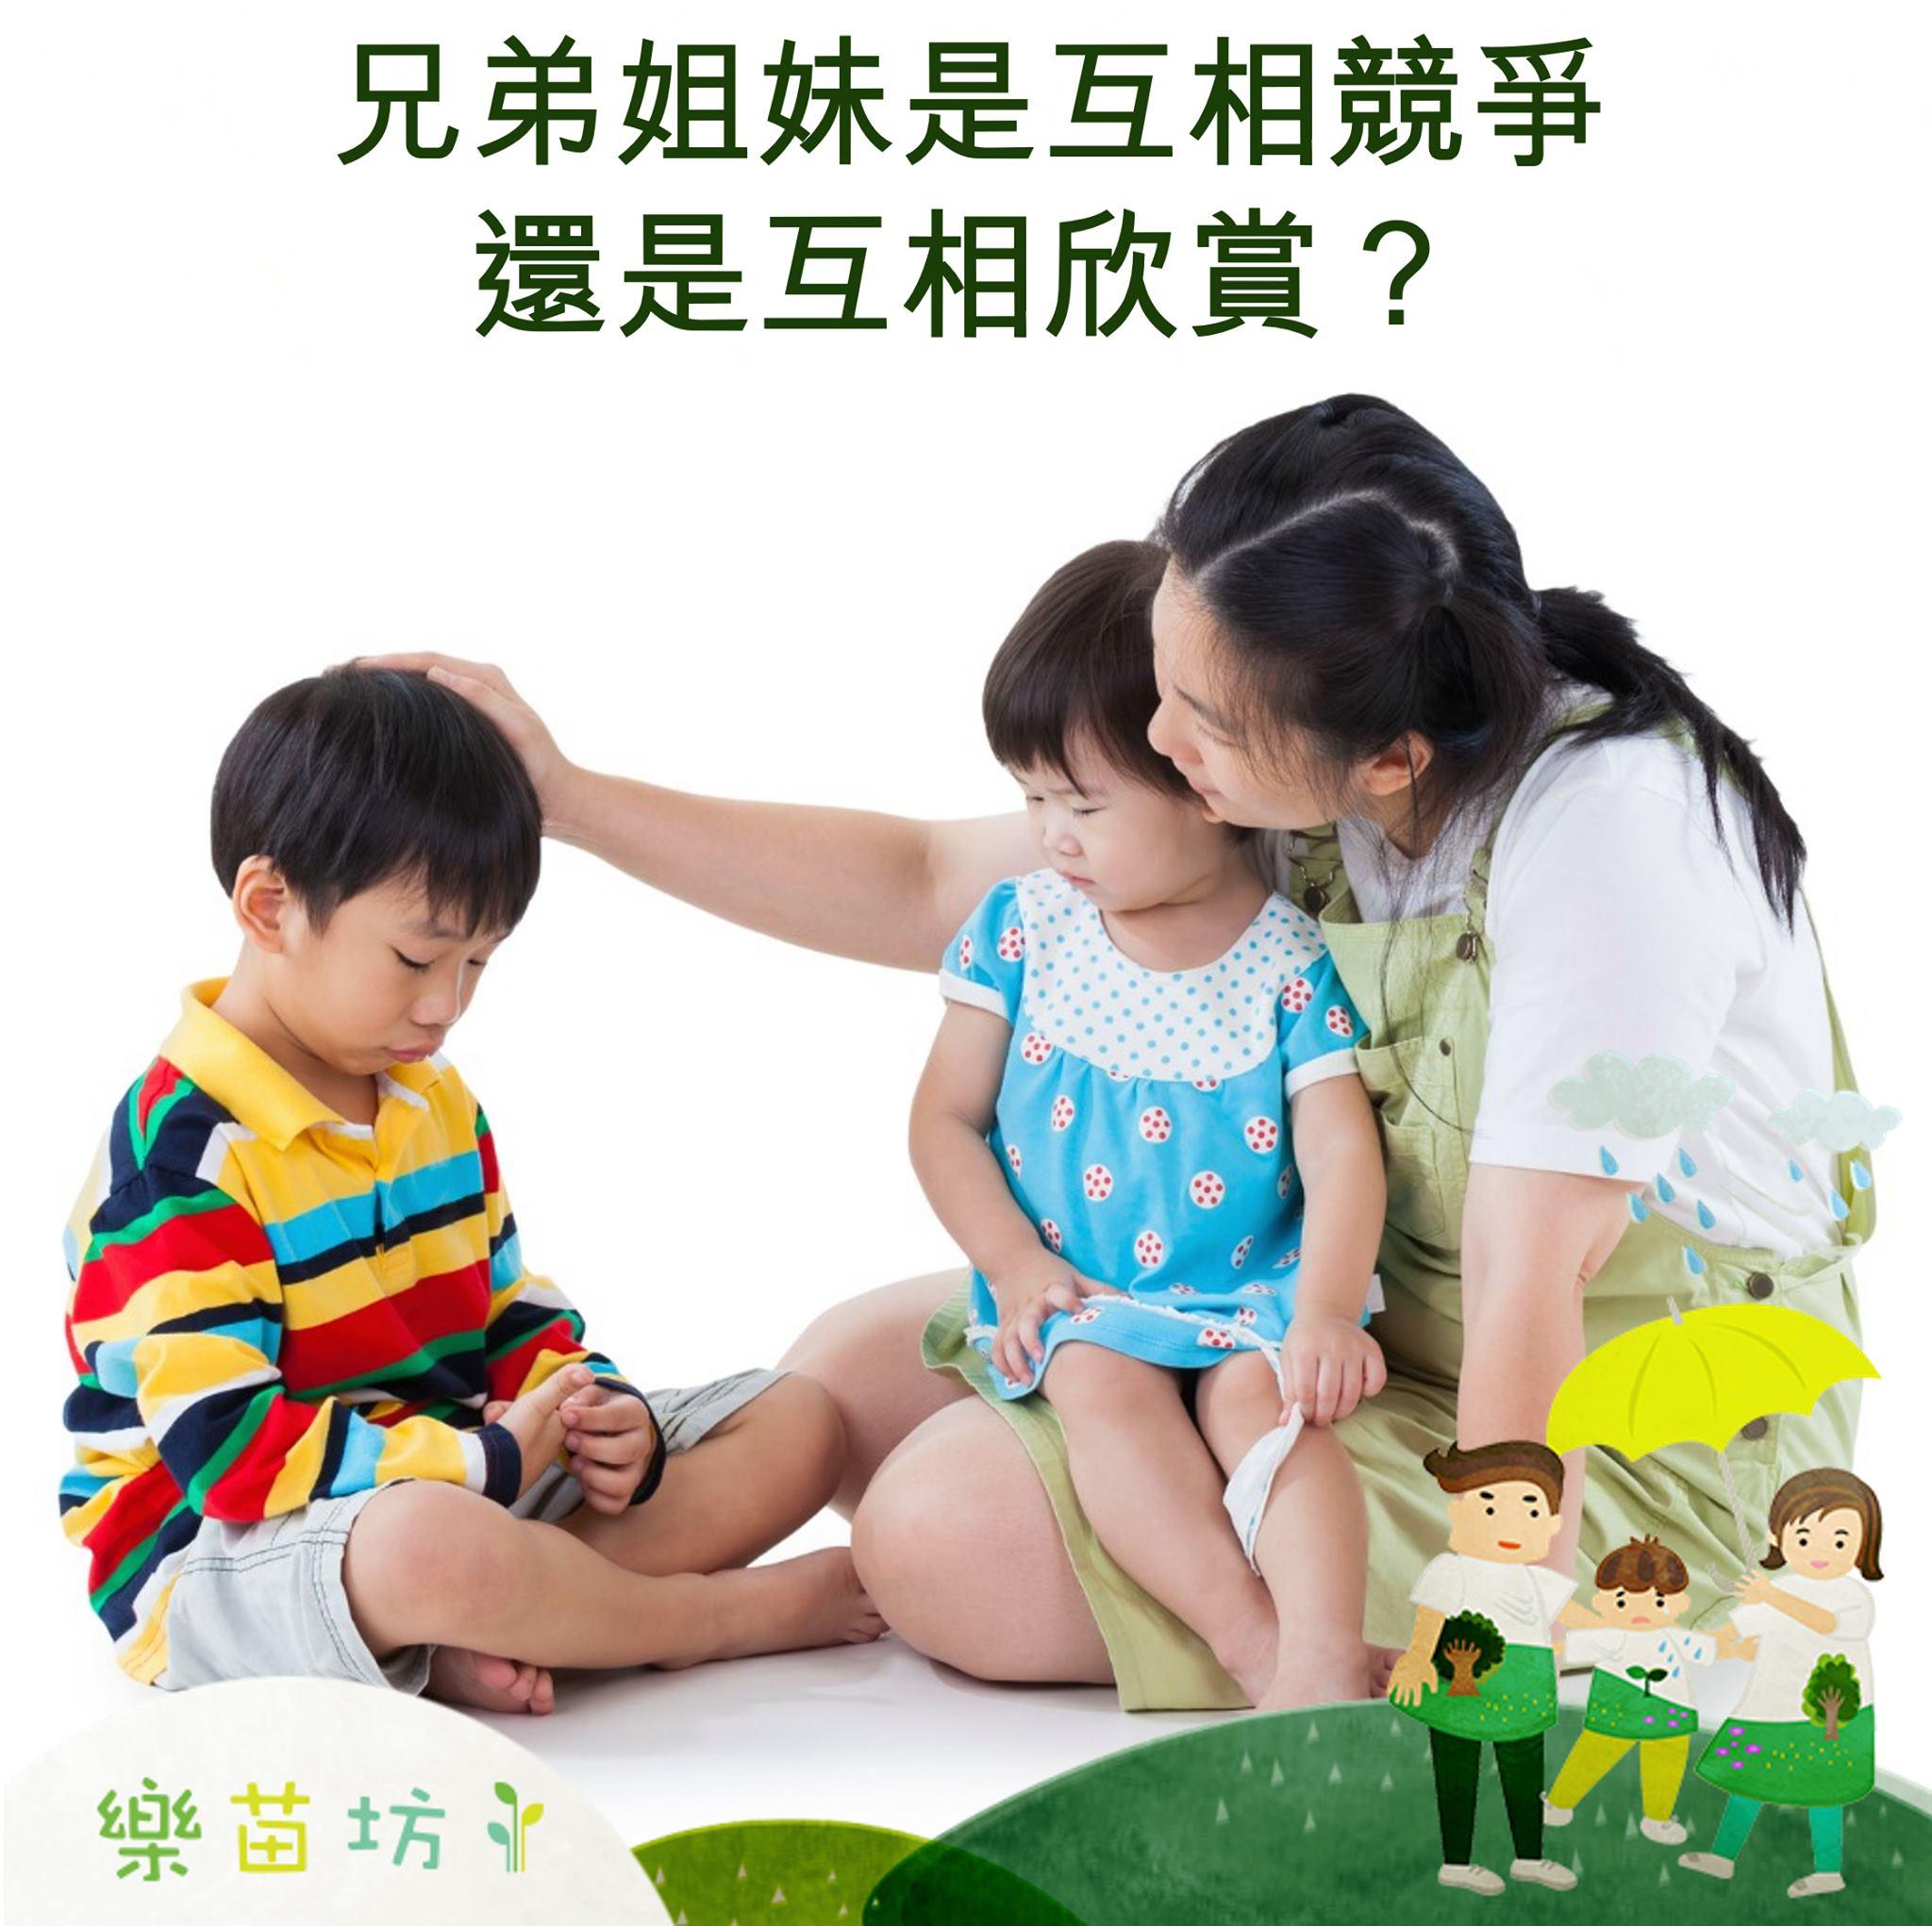 【怎樣做哥哥】邱岱溶姑娘(樂苗坊註冊社工)  日常生活裏,父母有沒有無意間分化了手足間的關係?以下是一個例子。  有一天